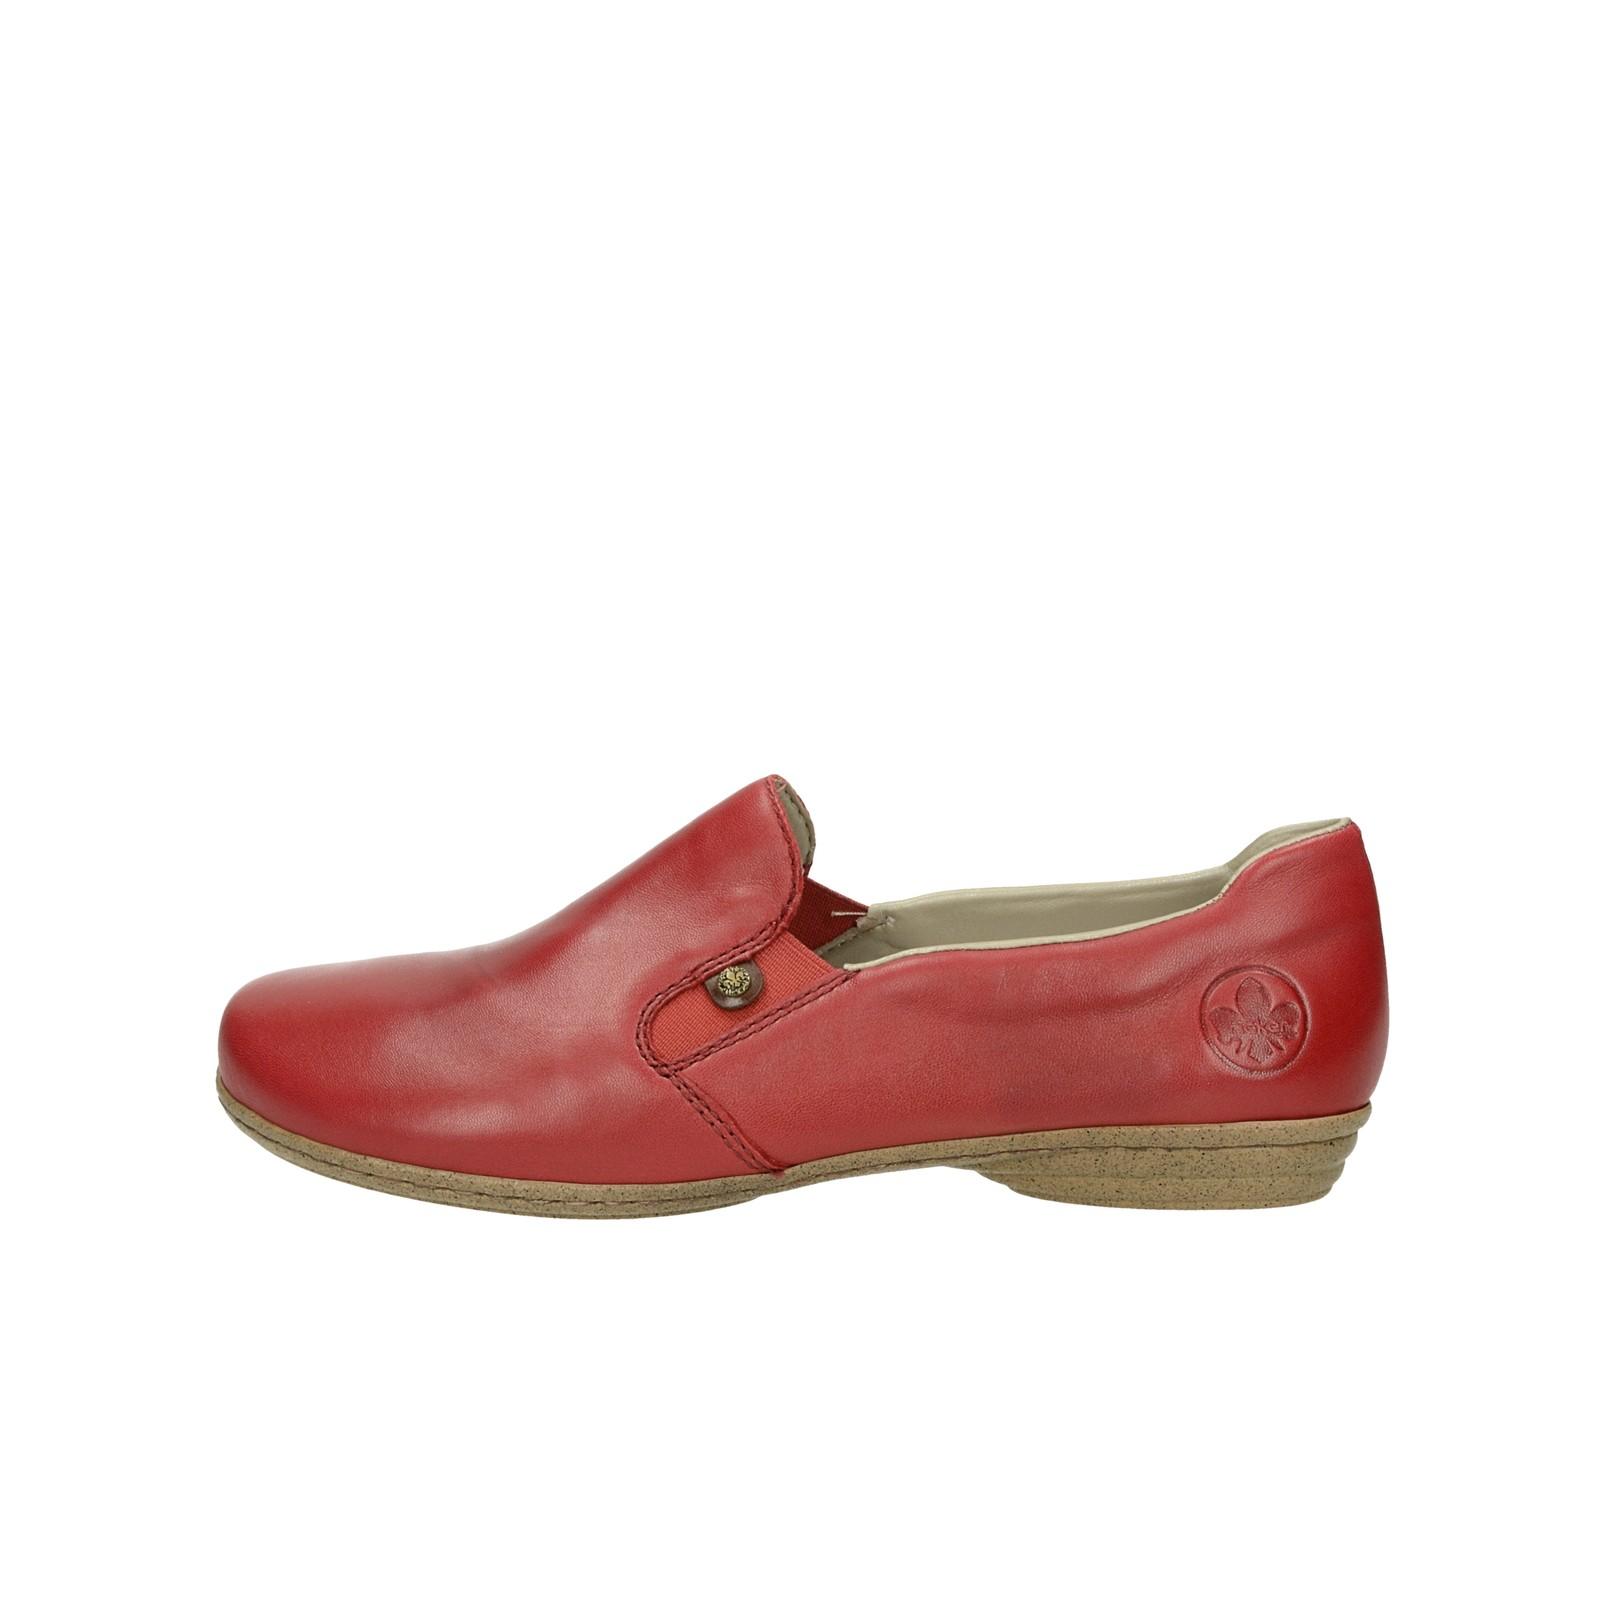 7d1406475377 Rieker dámske kožené poltopánky - červené Rieker dámske kožené poltopánky -  červené ...